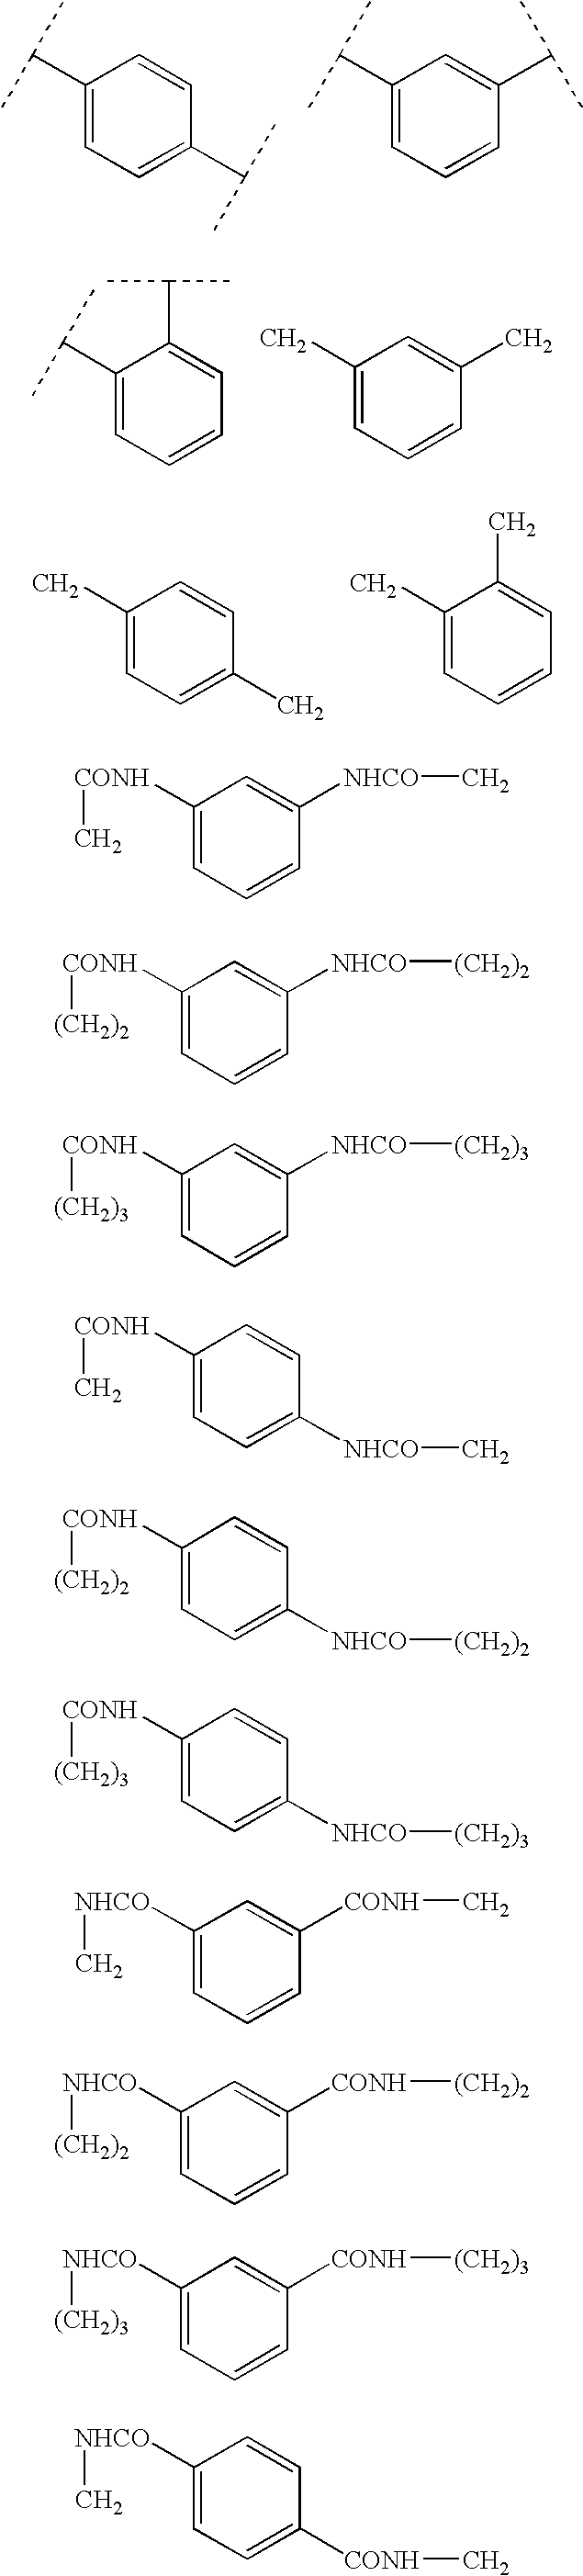 Figure US07250064-20070731-C00007